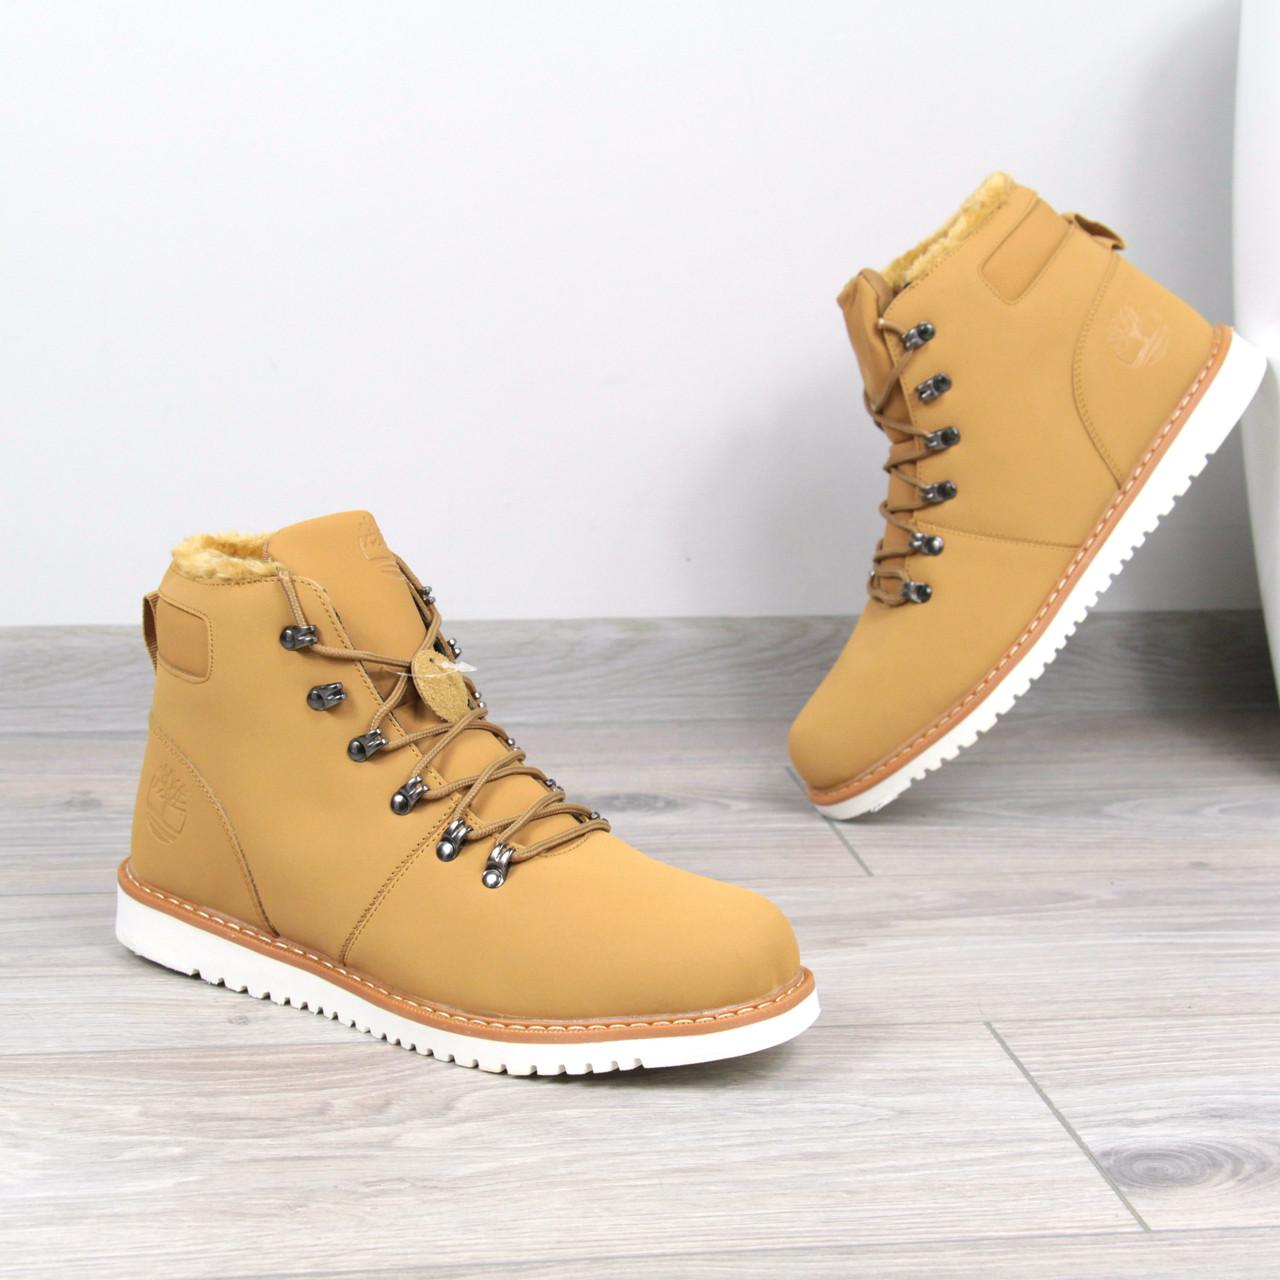 Ботинки Мужские зимние Timberland рыжие мех, зимняя обувь - Интернет -  магазин MaxTrade в Днепре 756436c9bb6